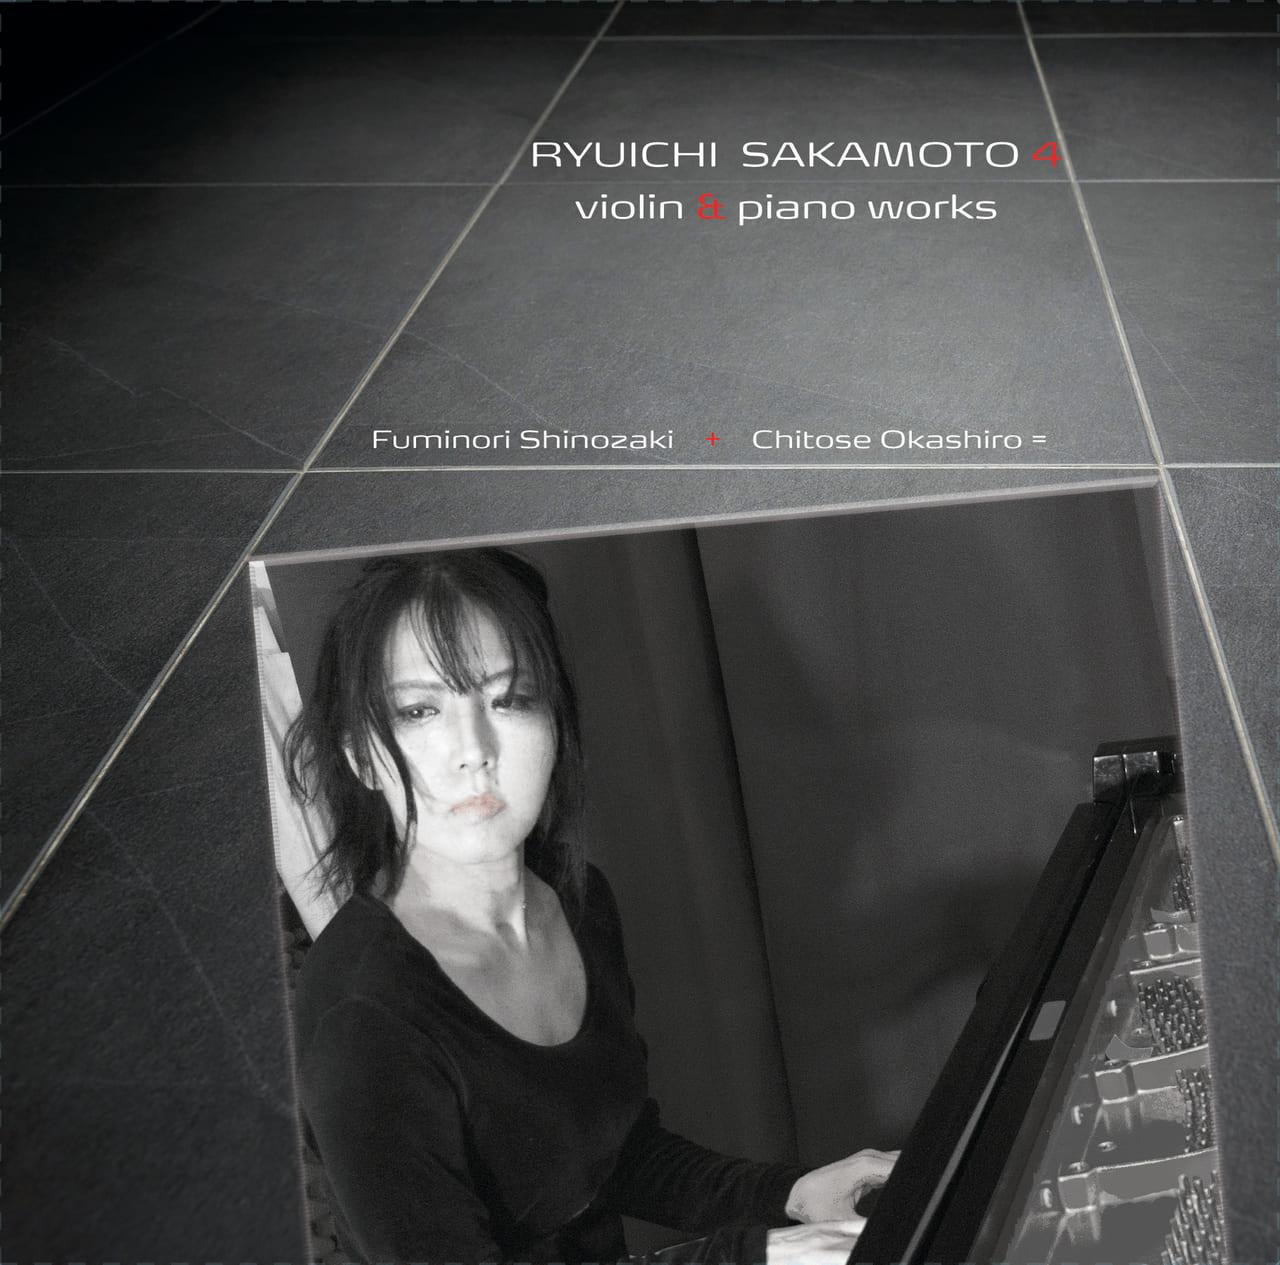 「東風」を「戦メリ」を、クラシックスタイルで聴く… 篠崎史紀&岡城千歳『坂本龍一4 ~ヴァイオリン&ピアノ・ワークス』が発売中。